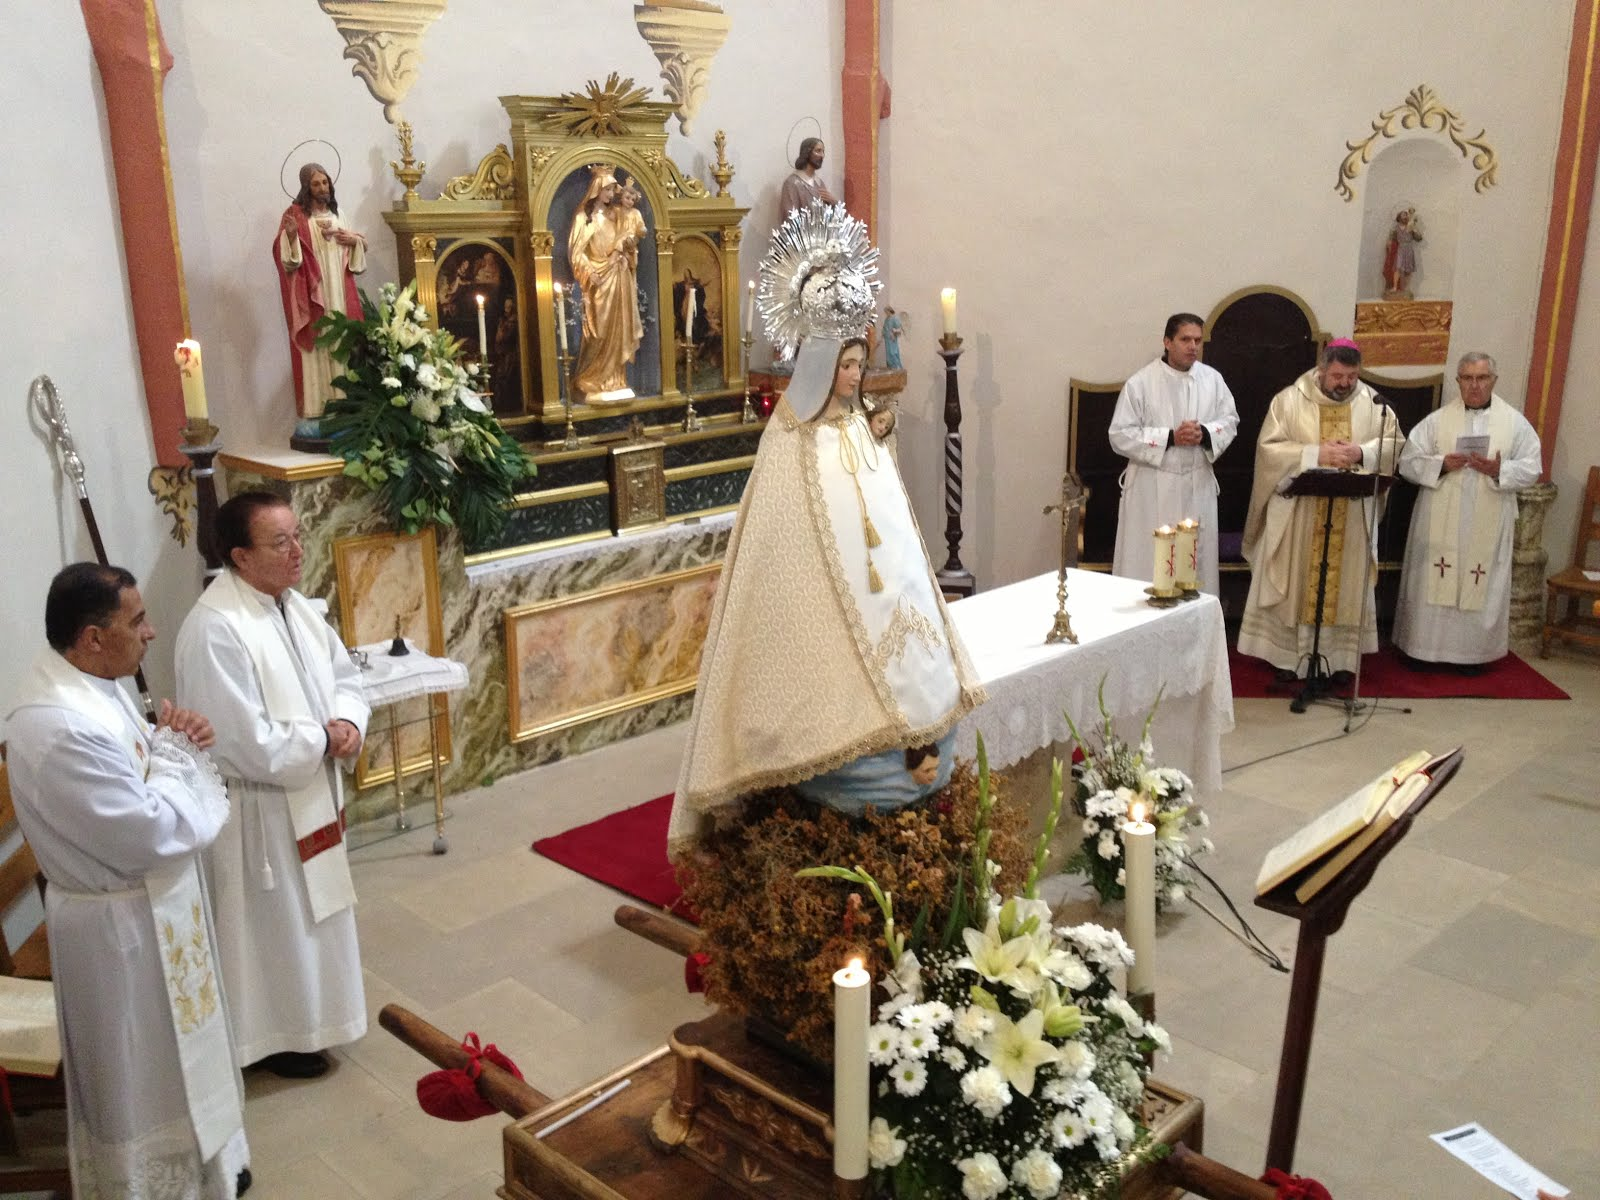 Fotogaleria: La Virgen de la Aliaga visita La Hoz de la Vieja. Diciembre 2013